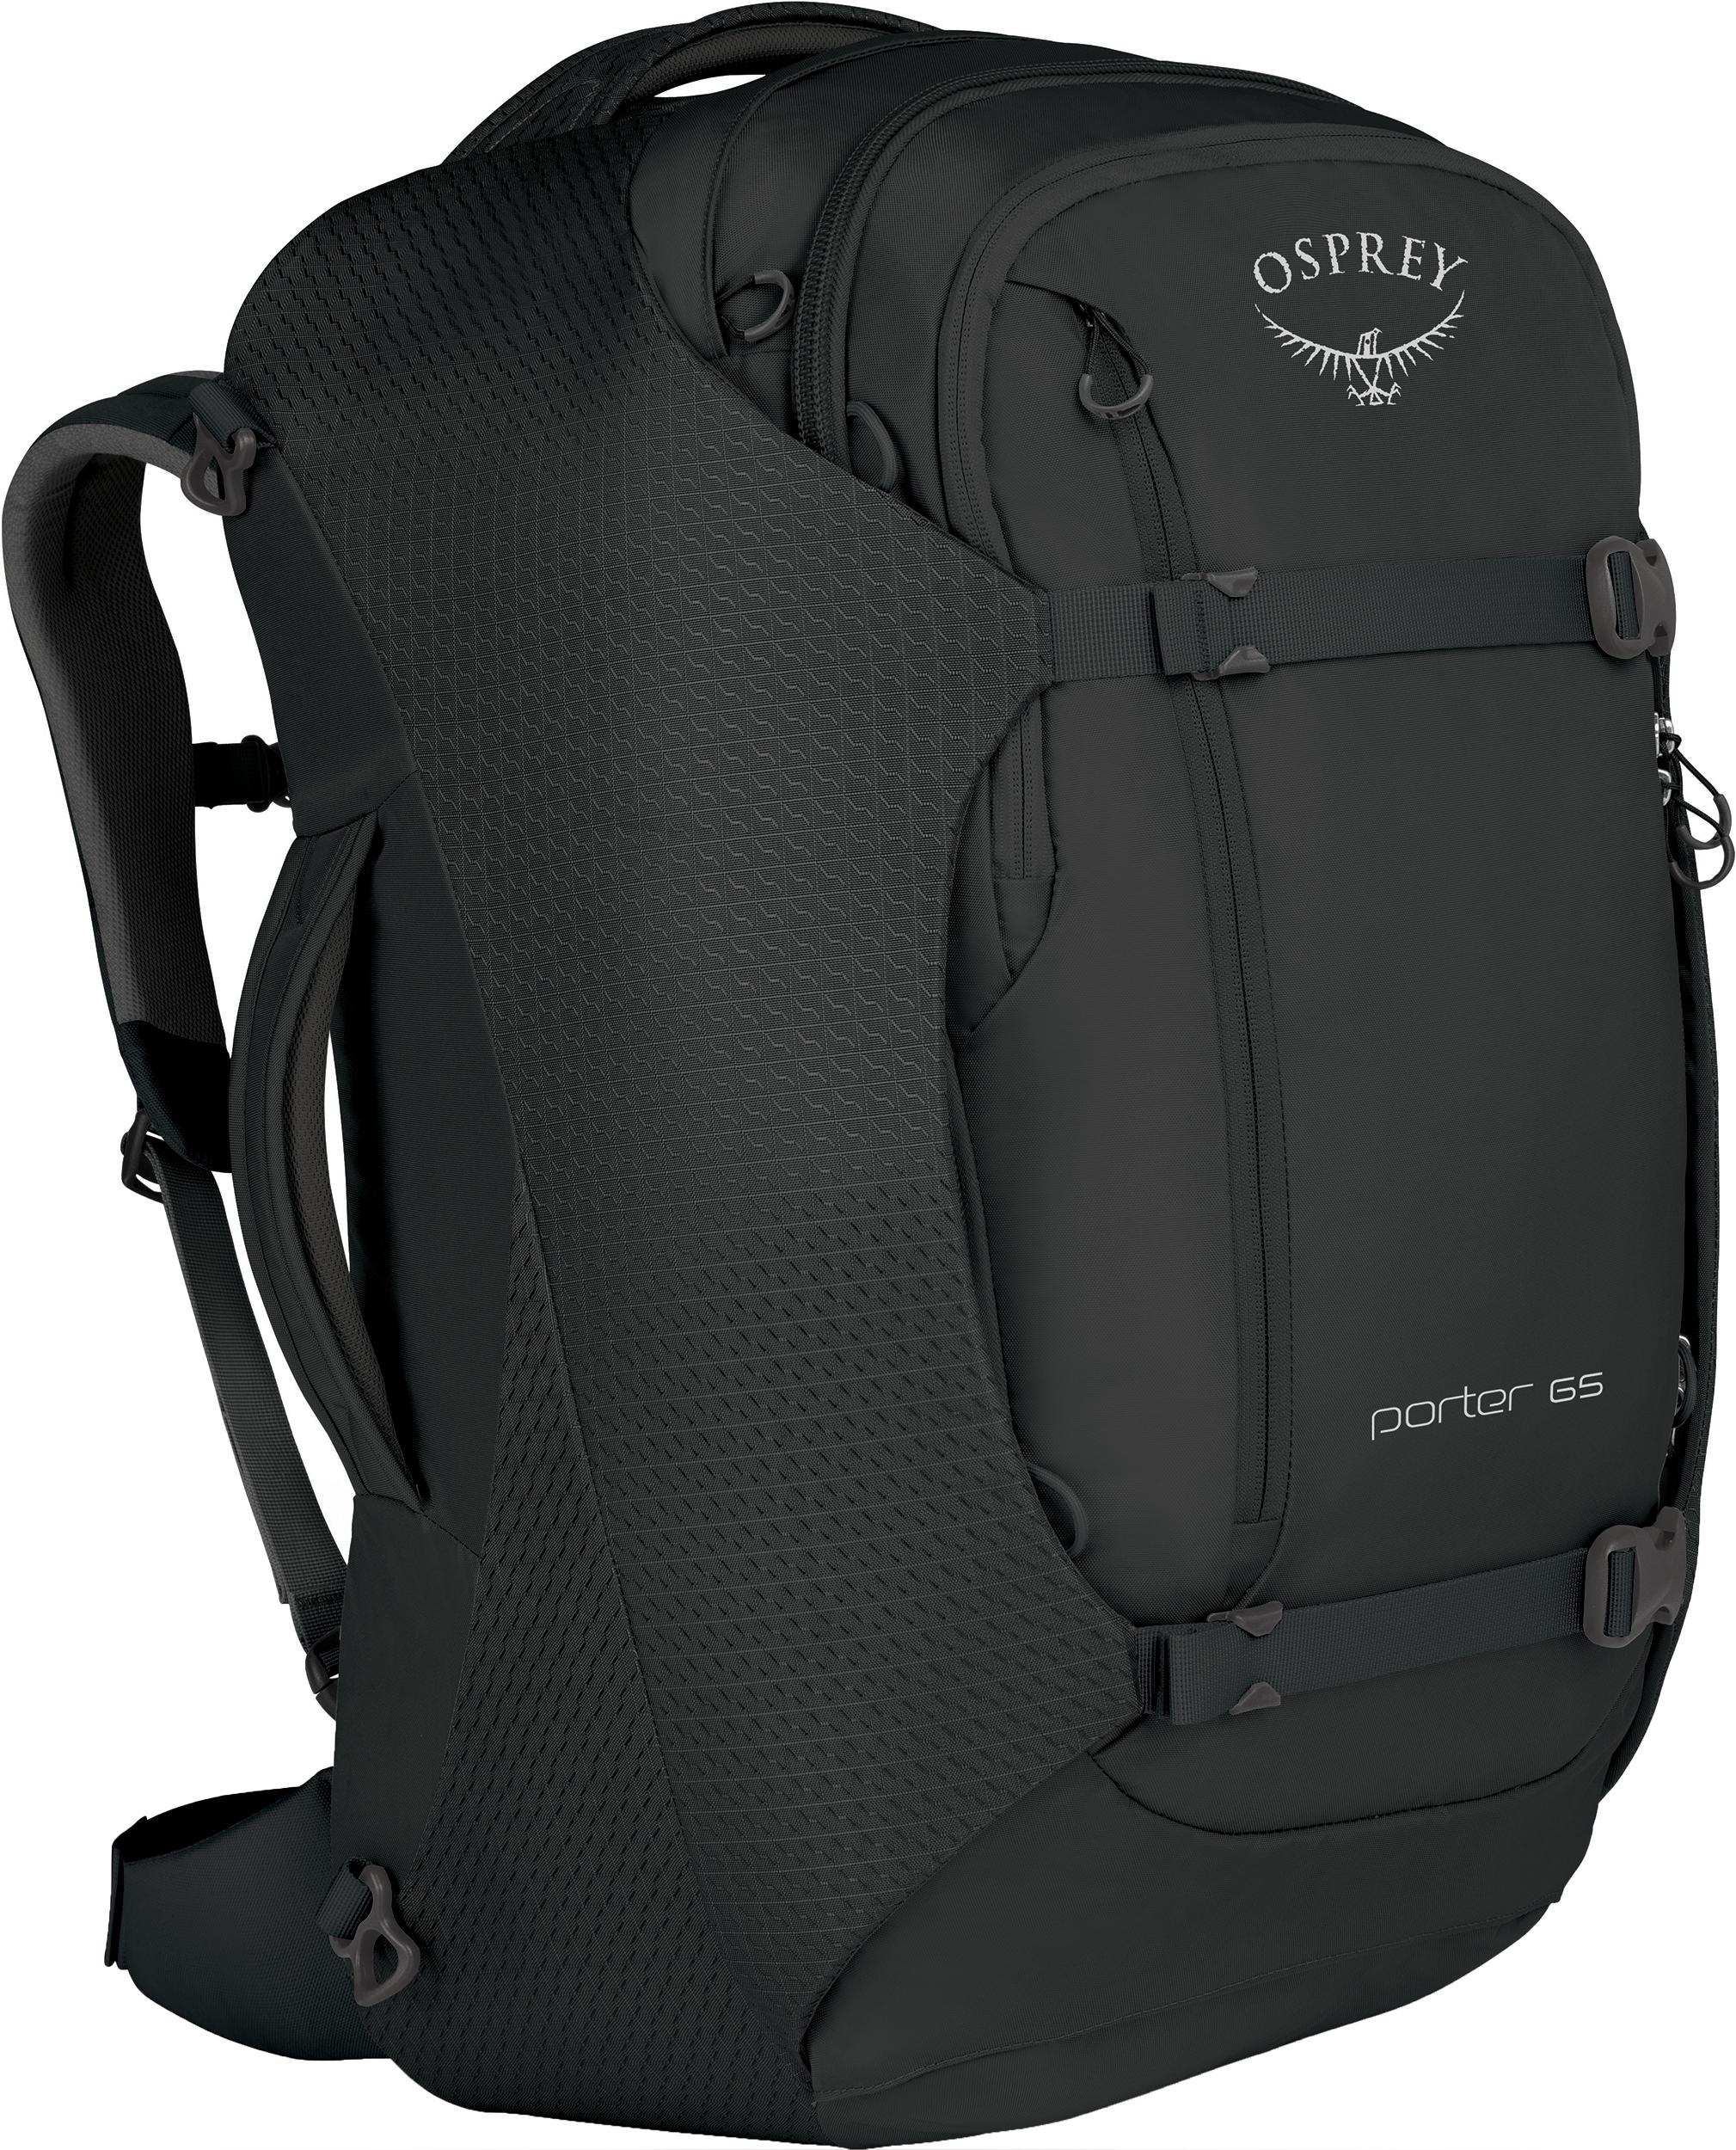 169f889943d0 Osprey Porter 65 Pack - Unisex